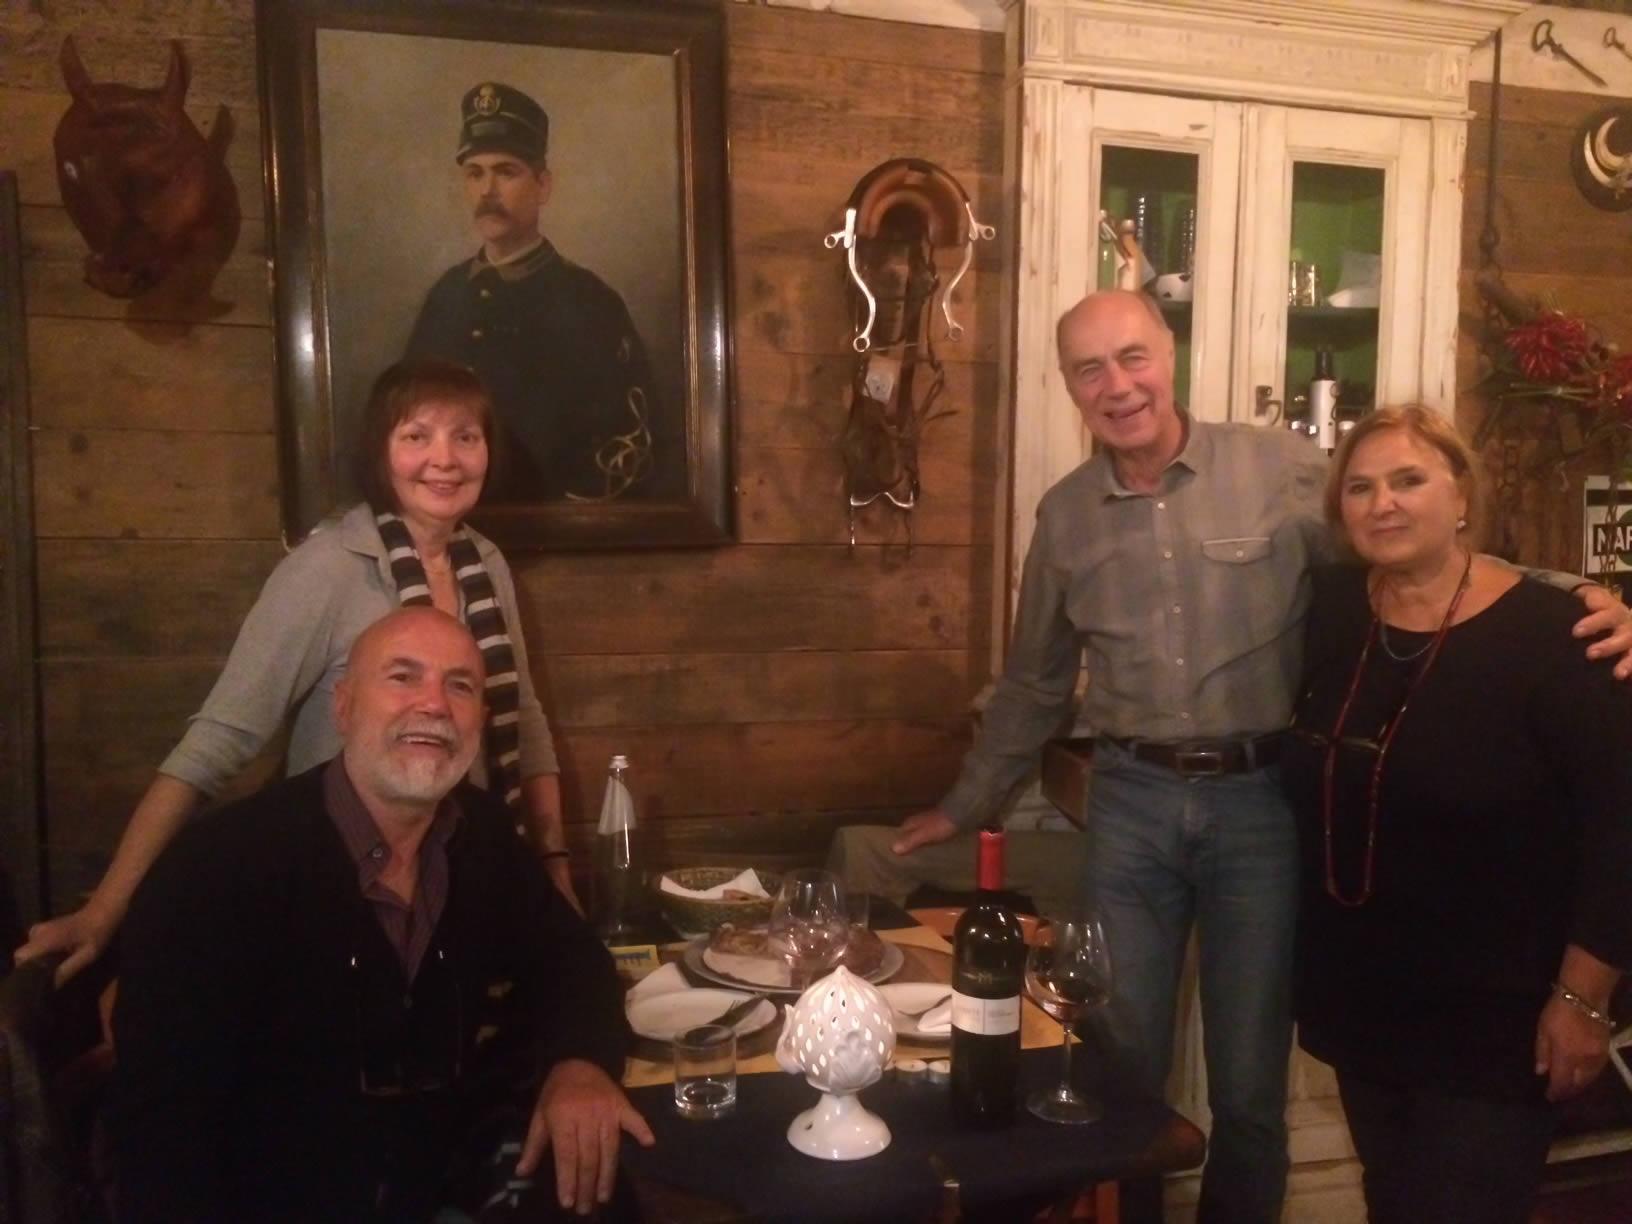 dall'Antiquario ristorante lecce foto di gruppo Famiglia Linda ed Uli (Ulrich)